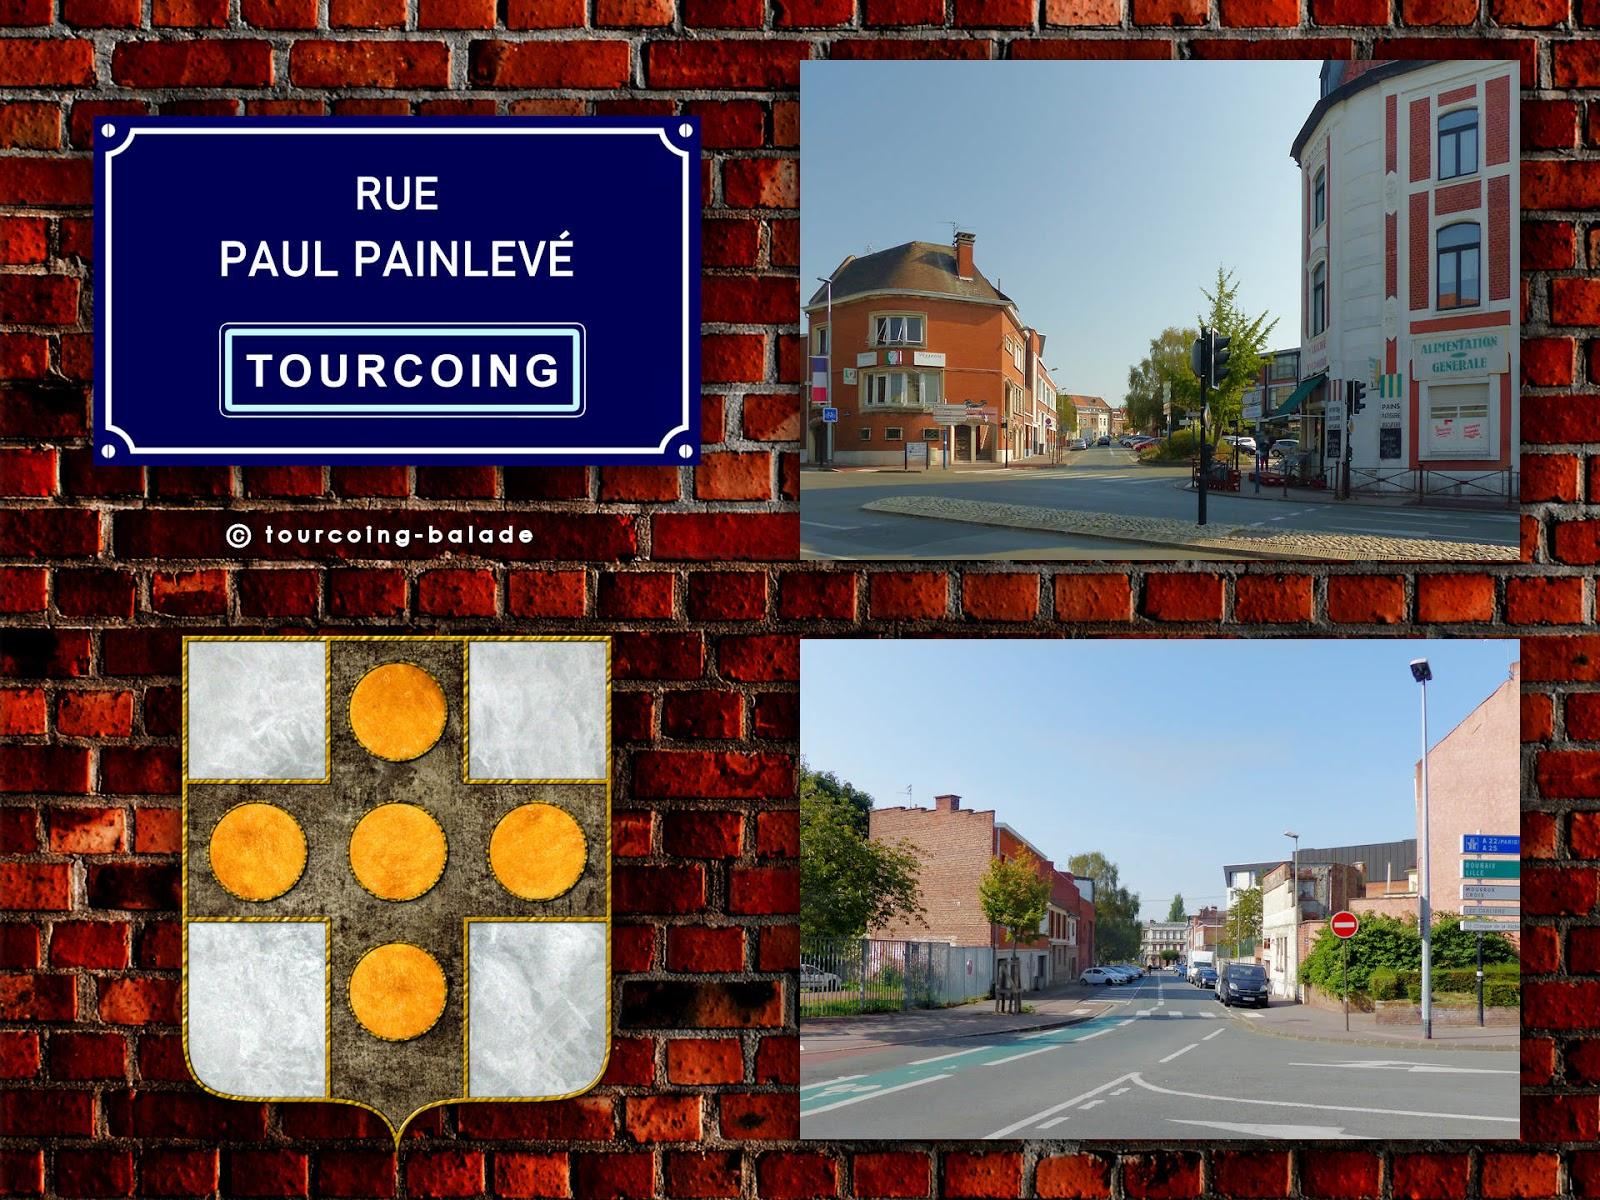 Rues de Tourcoing - Rue Paul Painlevé, 2020